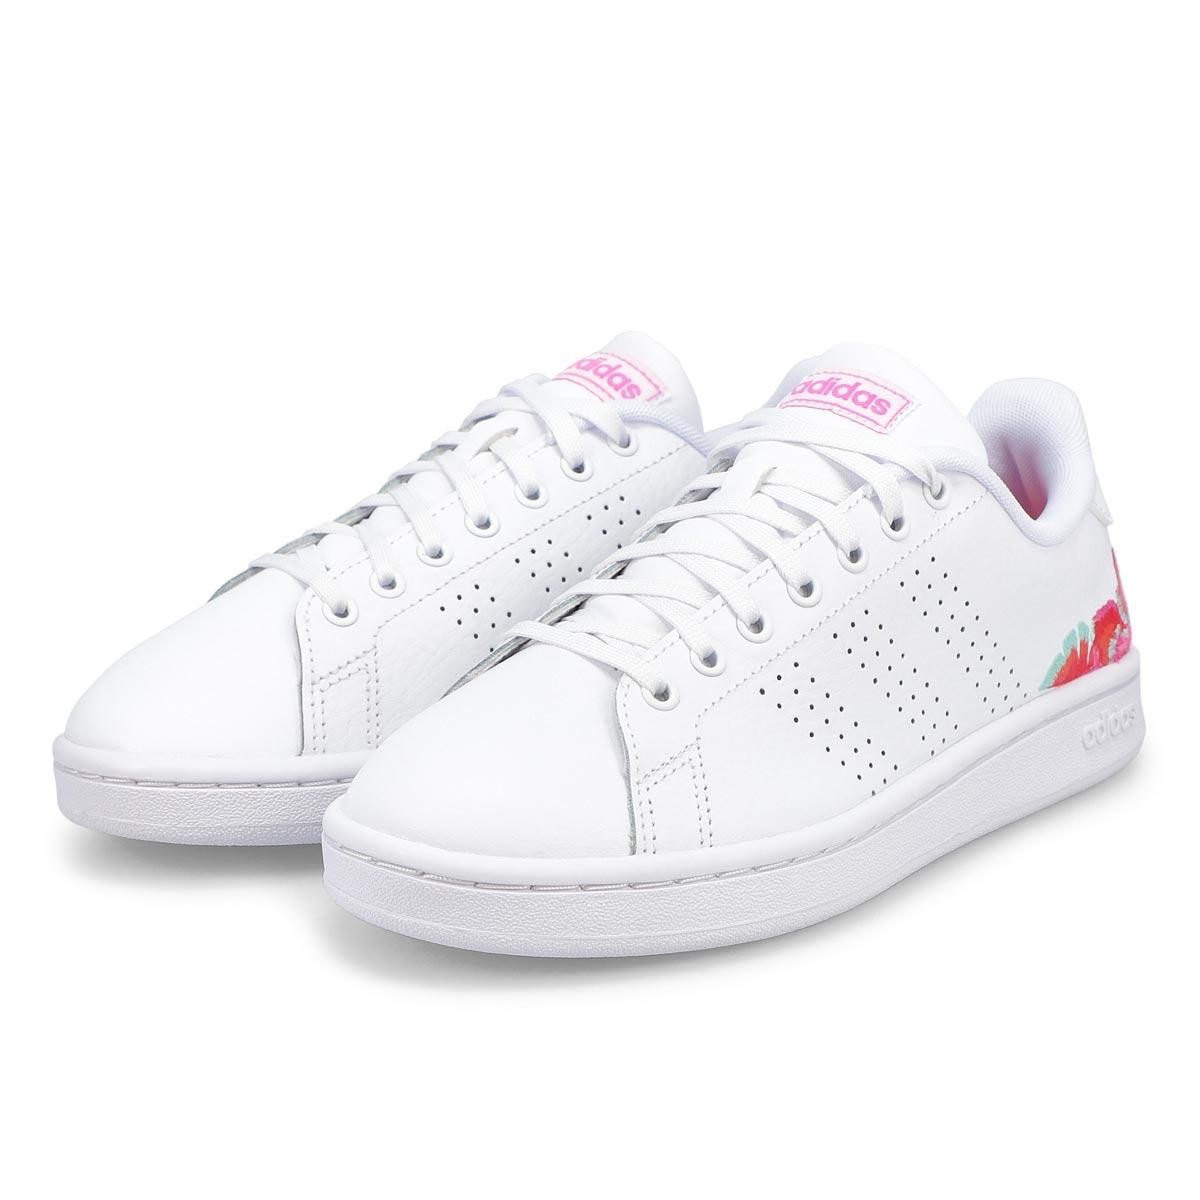 Women's Advantage Sneaker - White /Pink Flower